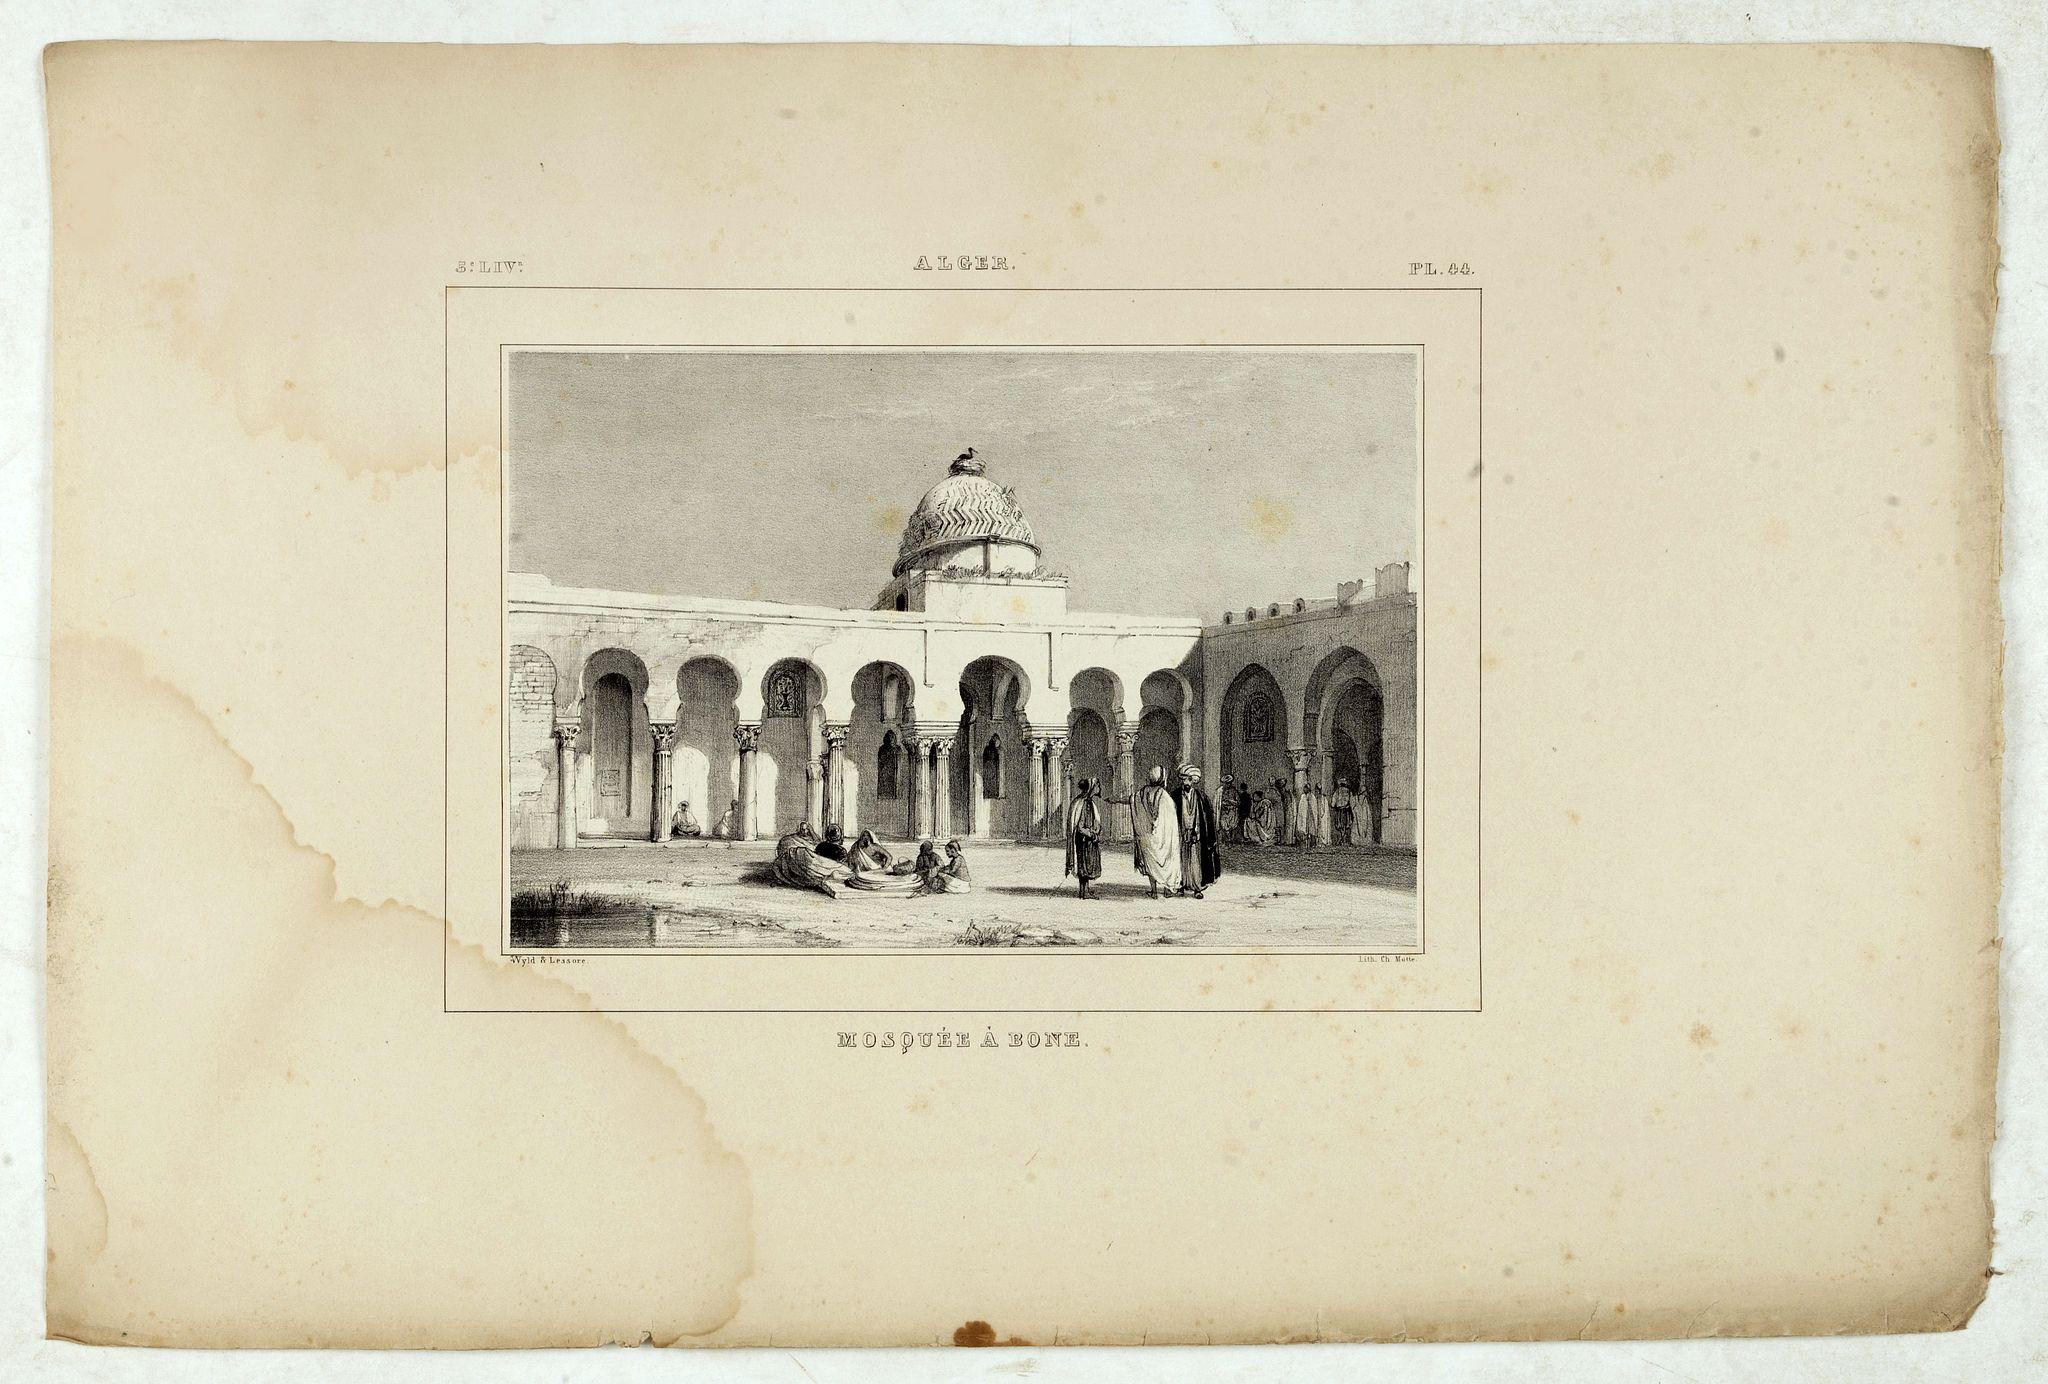 WYLD William / LESSORE Emile -  Alger, Mosquée à Bone.